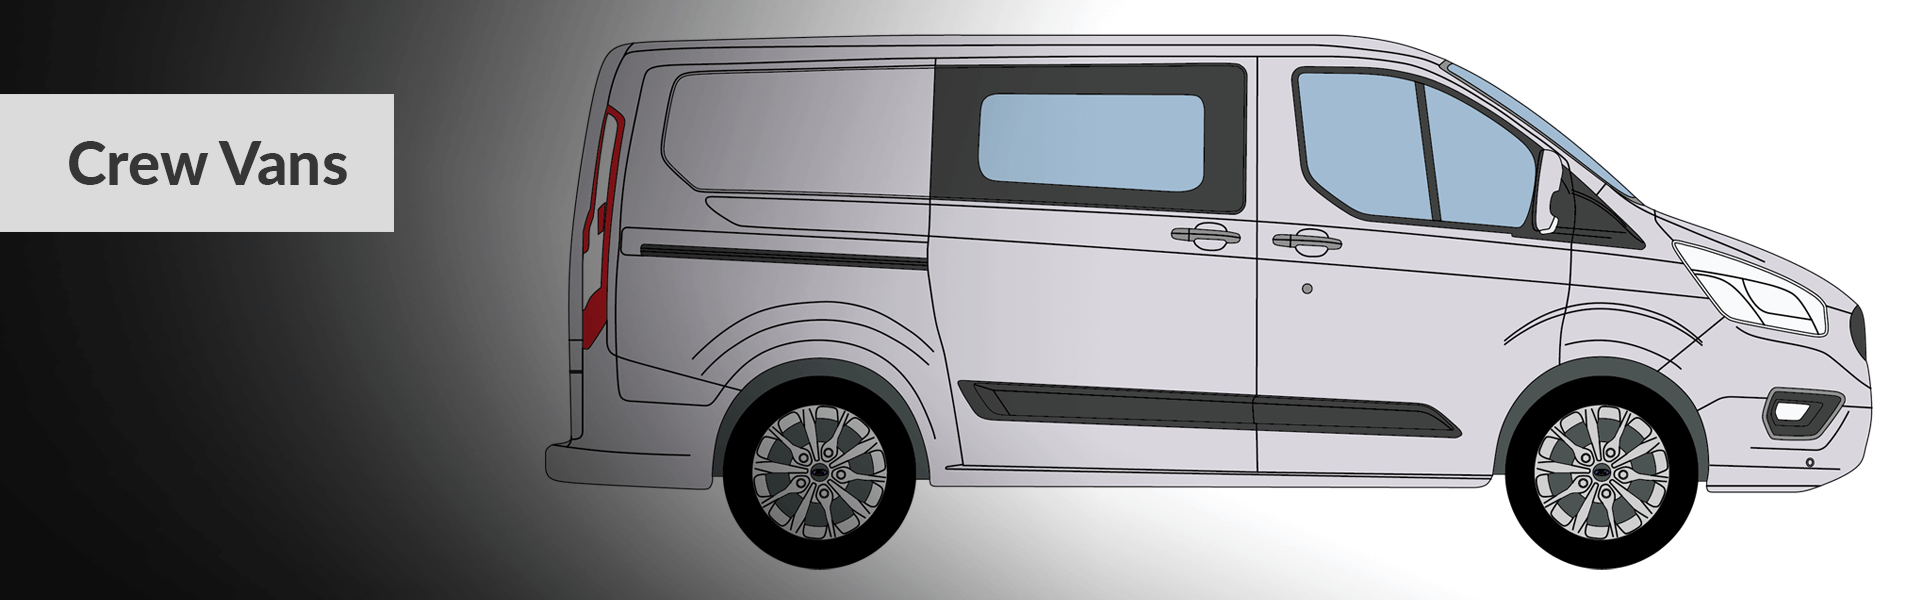 Crew Van Desktop